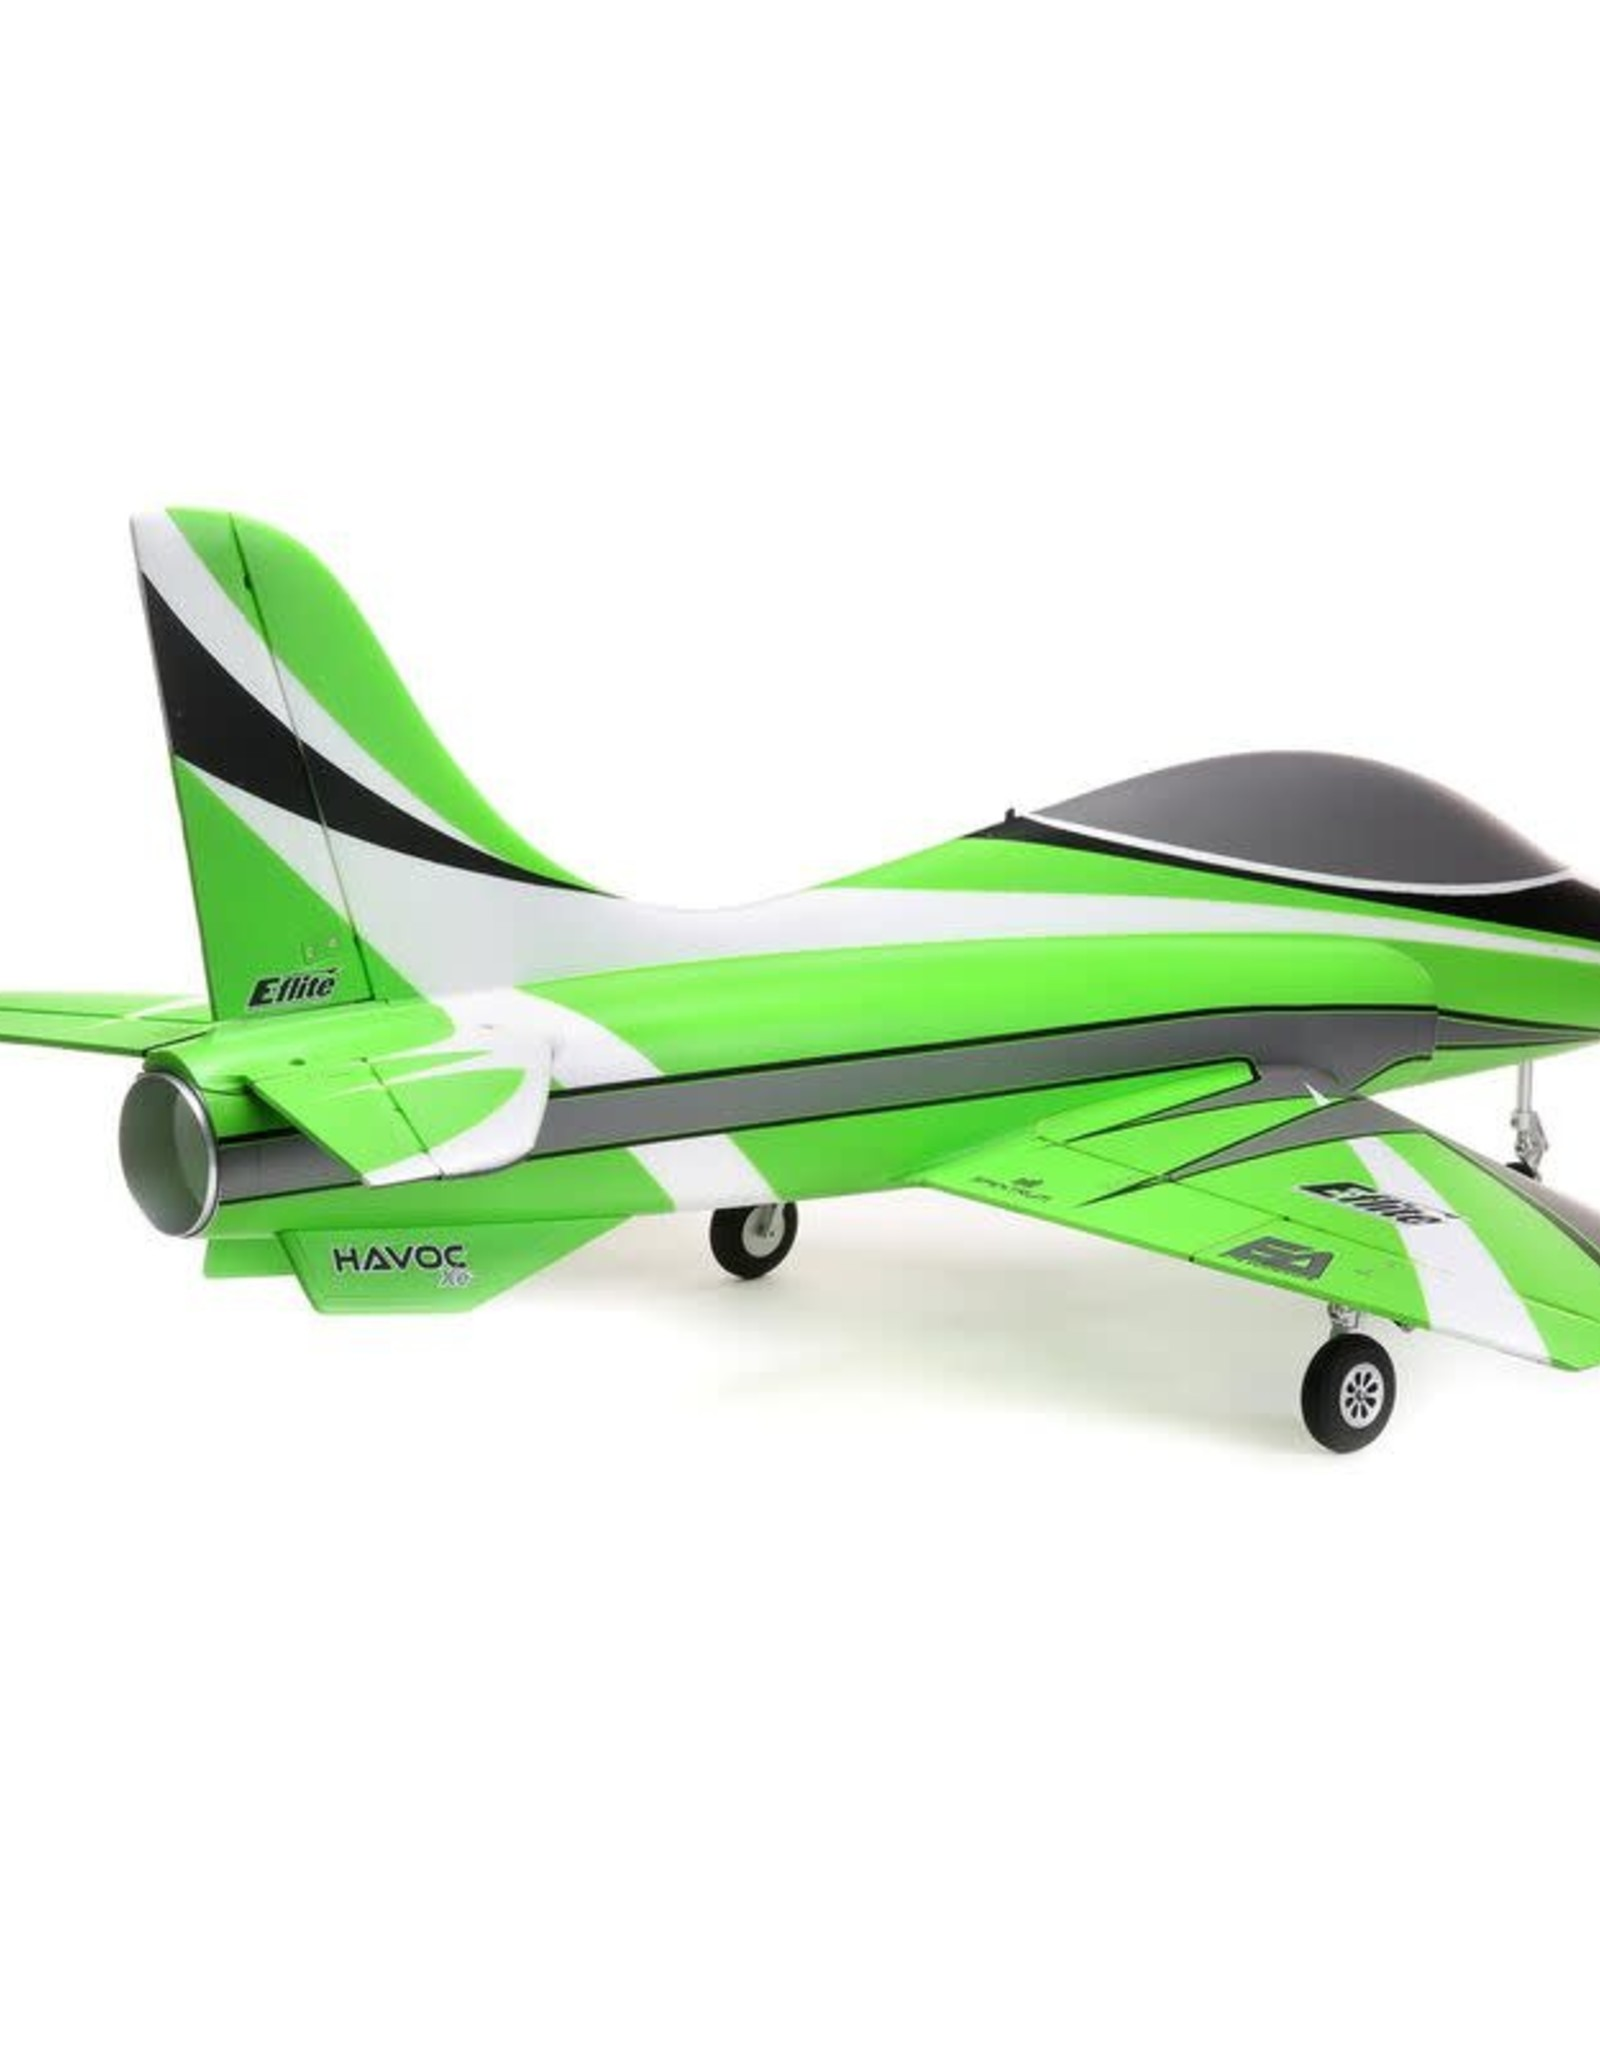 EFL EFL7550 HAVOC Xe 80mm EDF Sport Jet BNF AS3X & SAFE Select